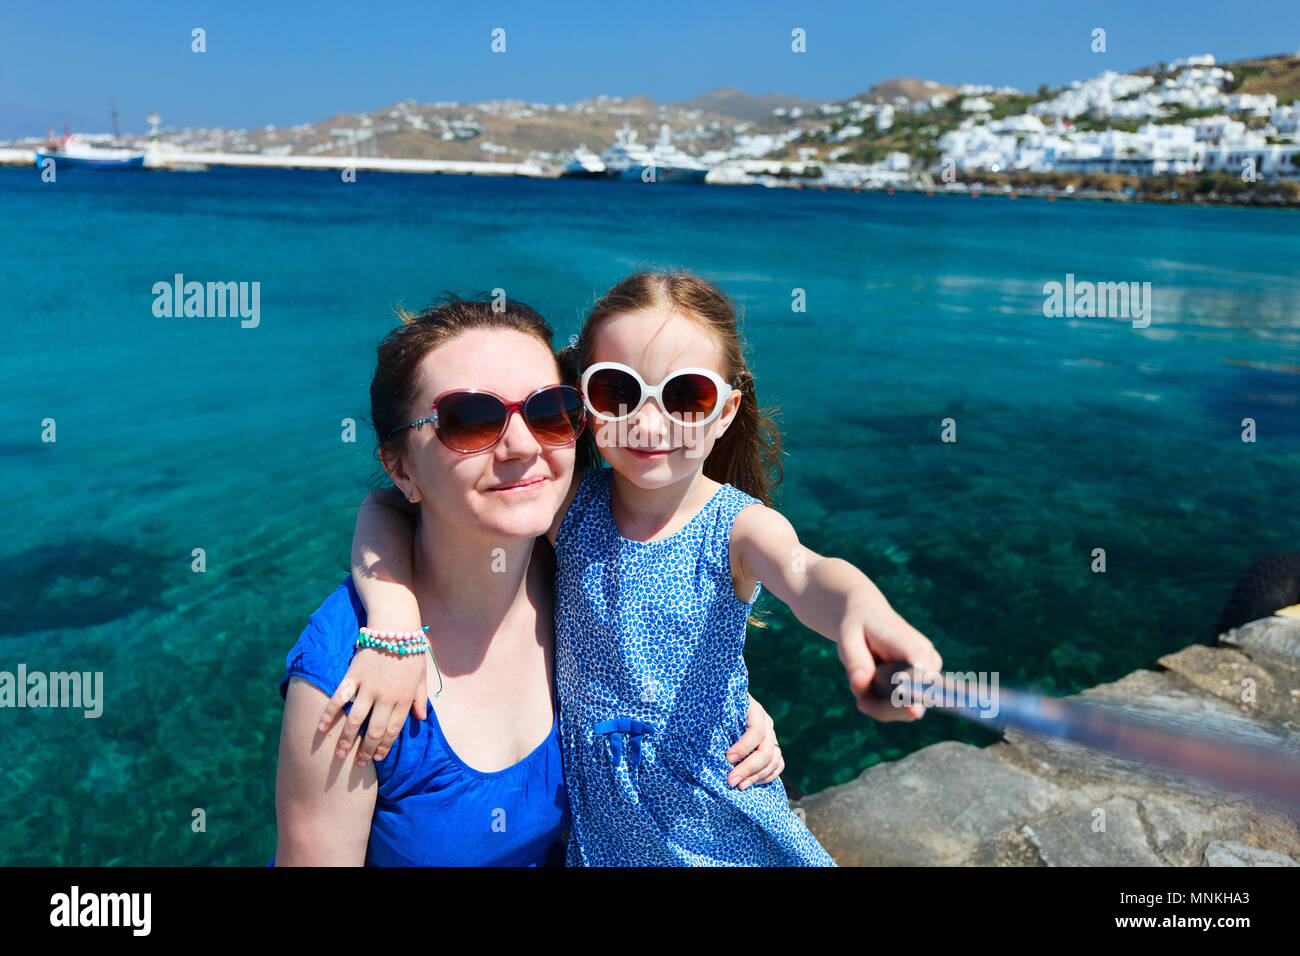 Glückliche Familie Mutter und ihre süßen kleinen Tochter auf den Urlaub nimmt selfie mit einem Stock auf der Insel Mykonos, Griechenland Stockbild